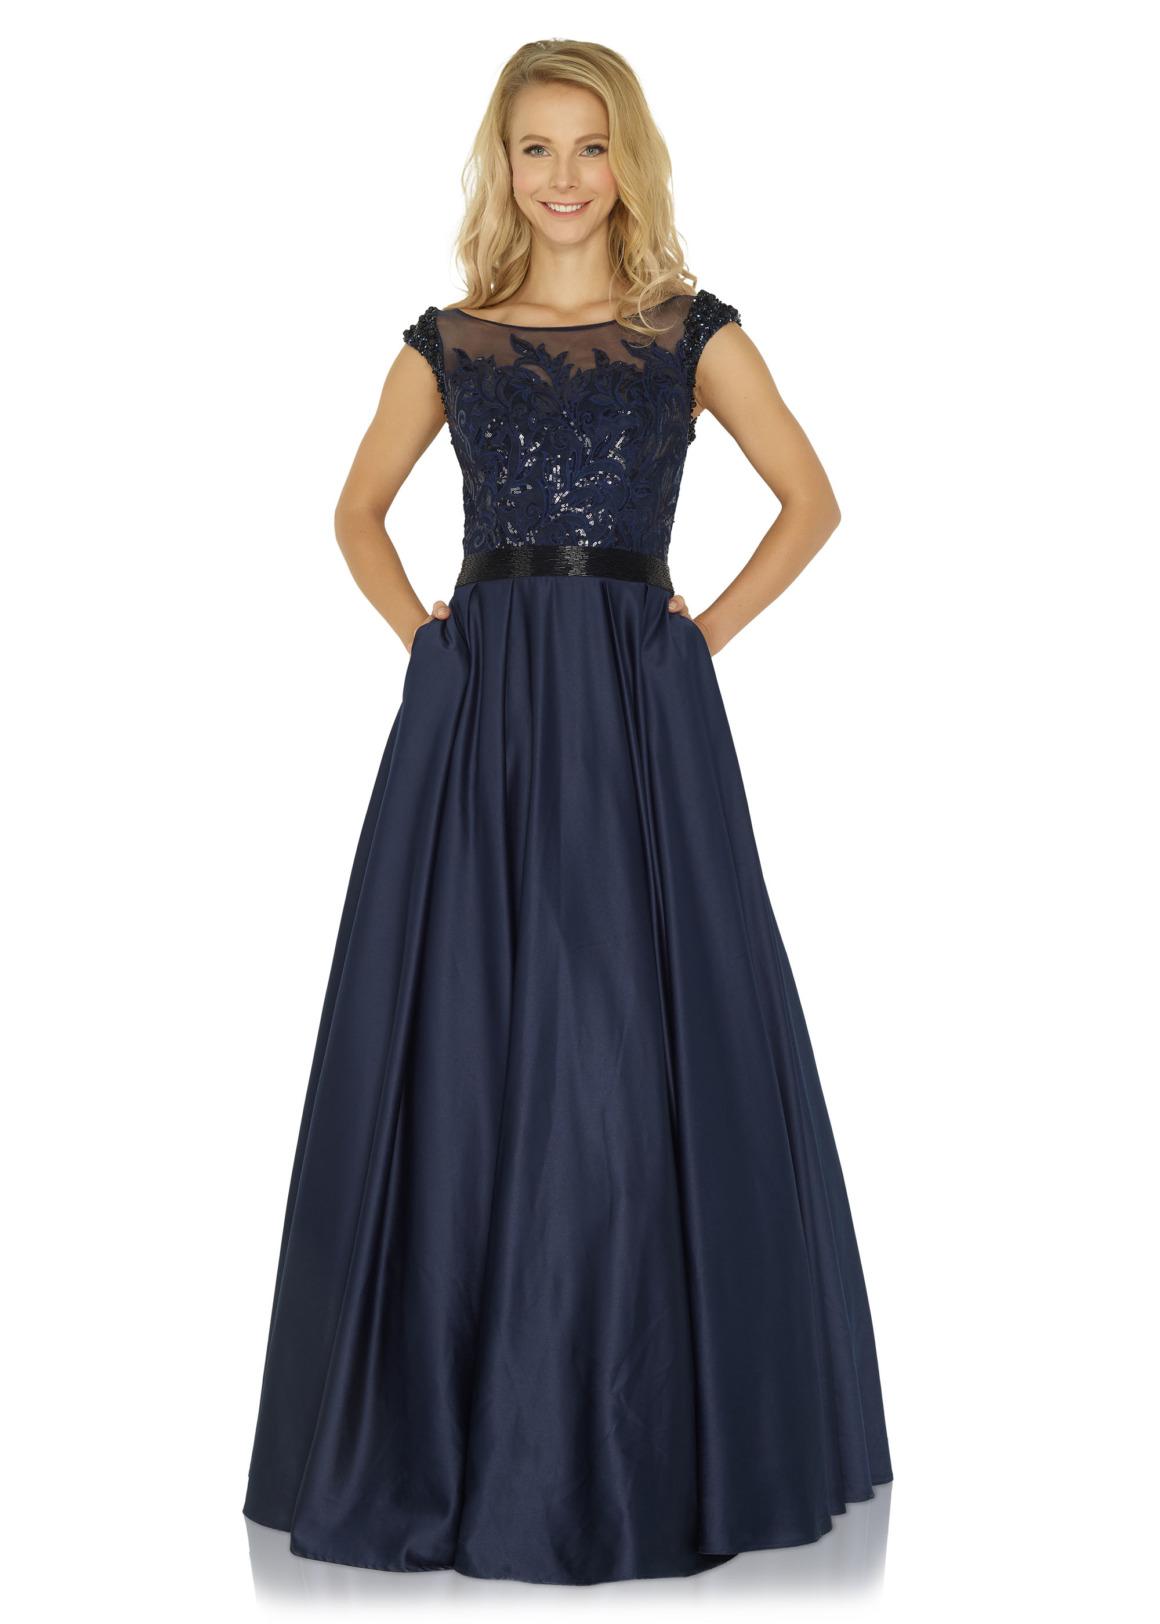 Schützenfest Königinnenkleid Hofdamen Hofstaat langes Kleid Oberteil mit Pailetten und Strass dunkelblau navy blau Satin Rock mit Taschen